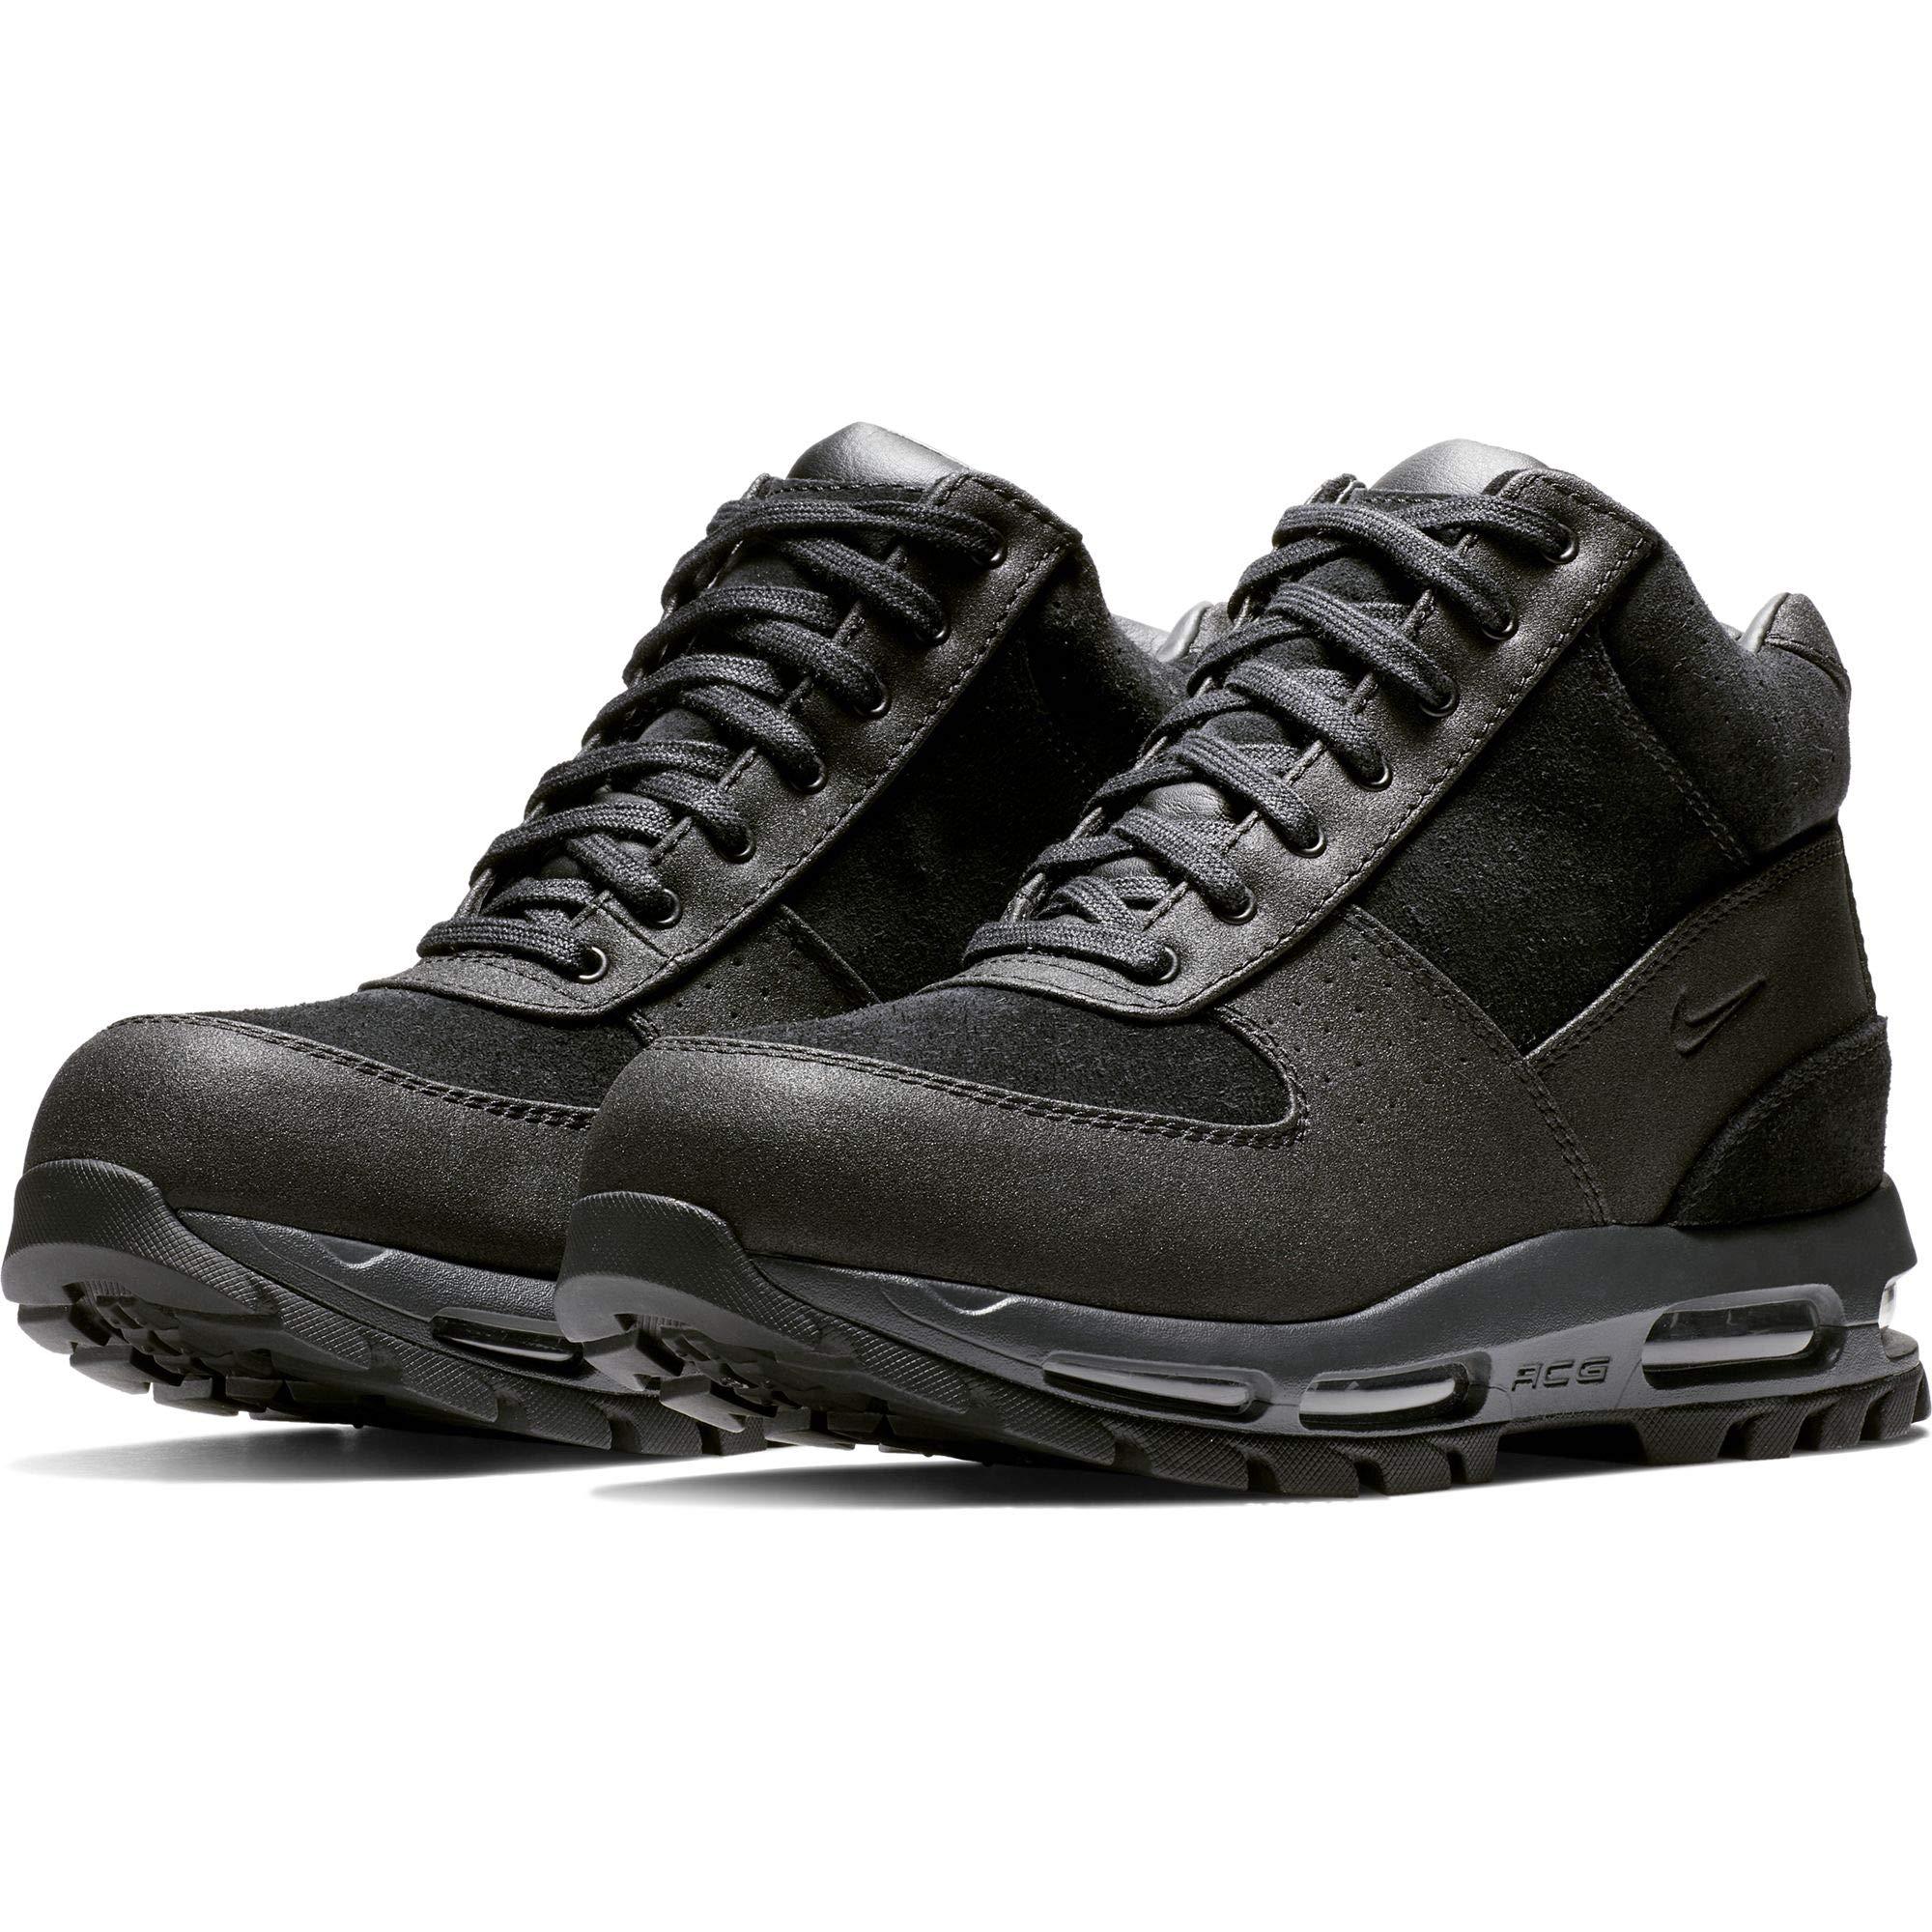 296faba6eb Galleon - Nike Men's Air Max Goadome Boot, Black/Black/Anthracite, 9